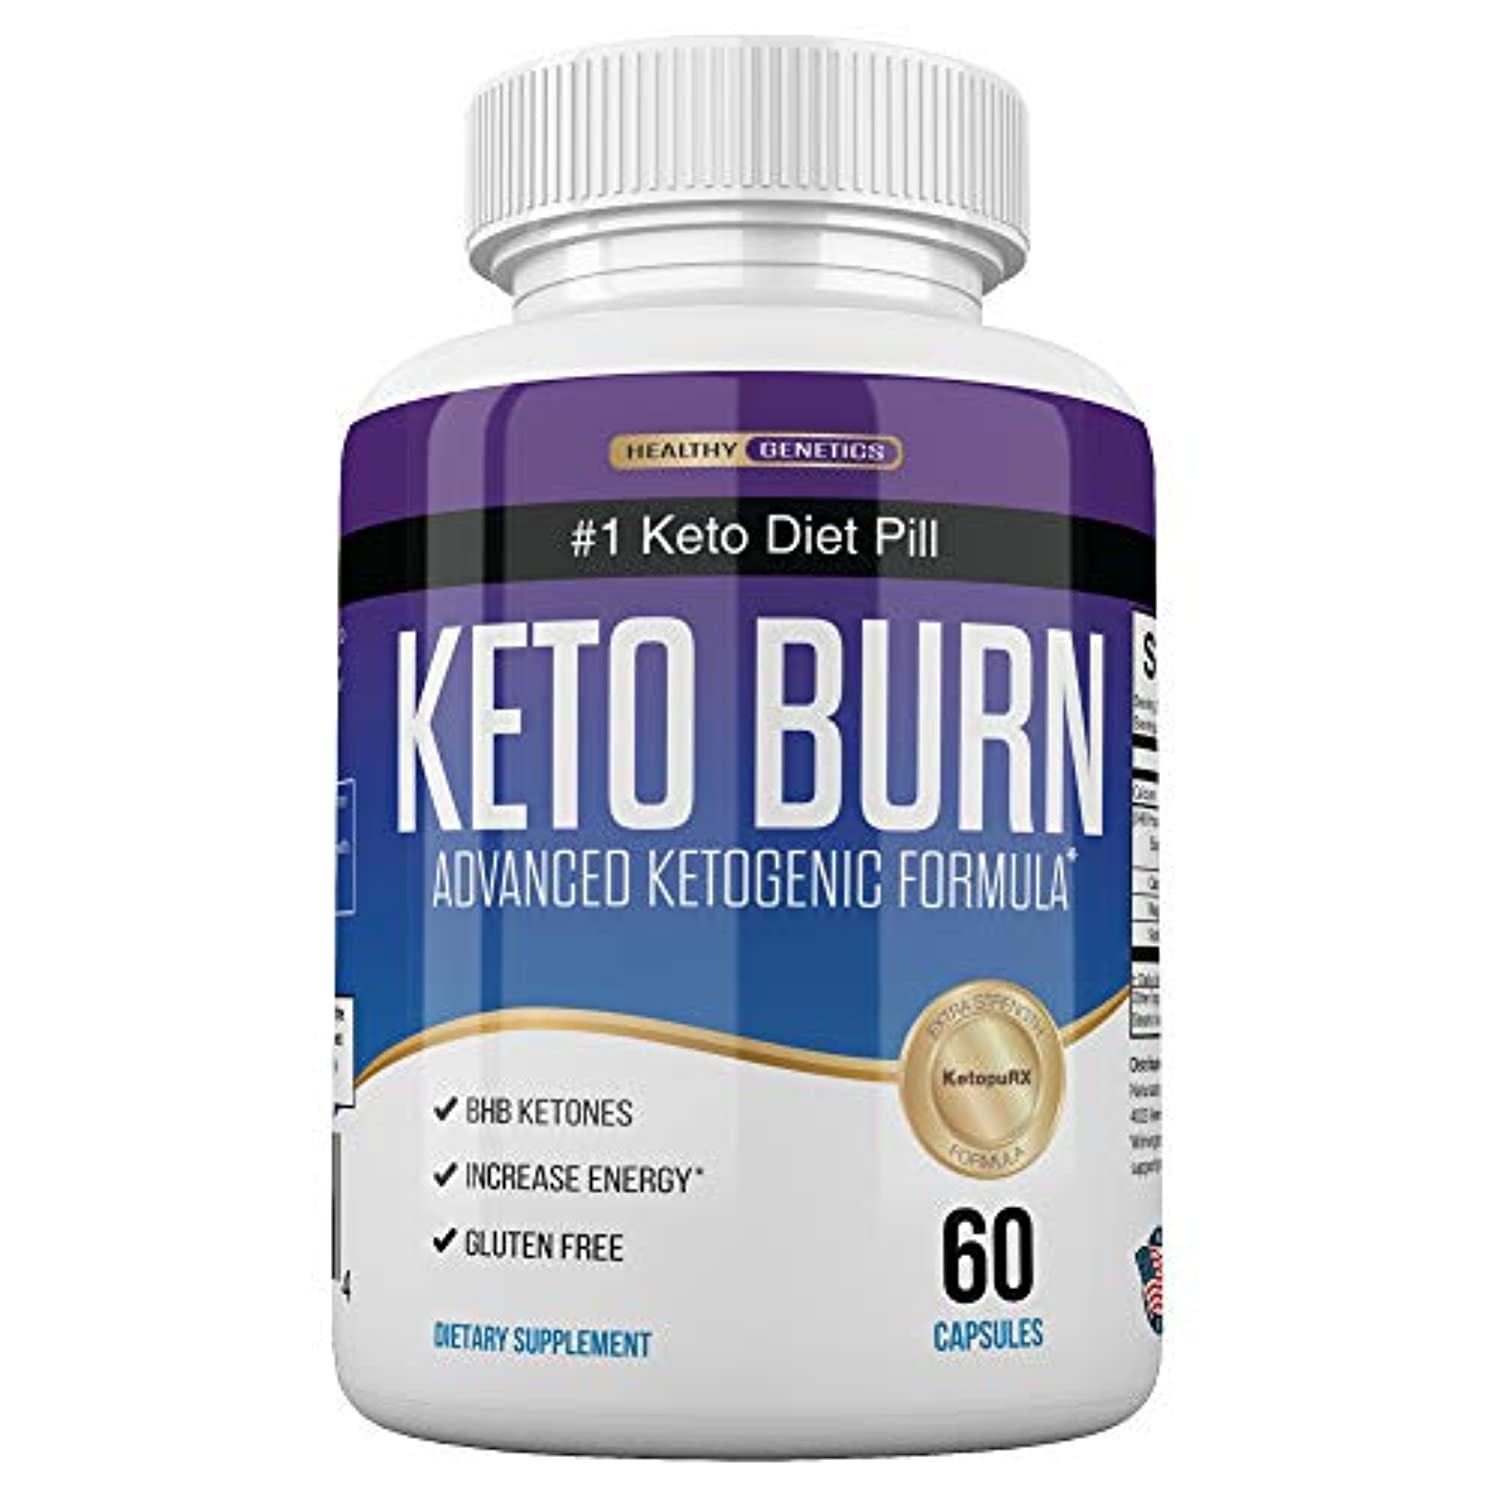 容量セラー赤道Healthy Genetics ナンバーワン ケトジェニック ダイエット KETO BURN 燃焼系 サプリ 60粒/30日分 [海外直送品]